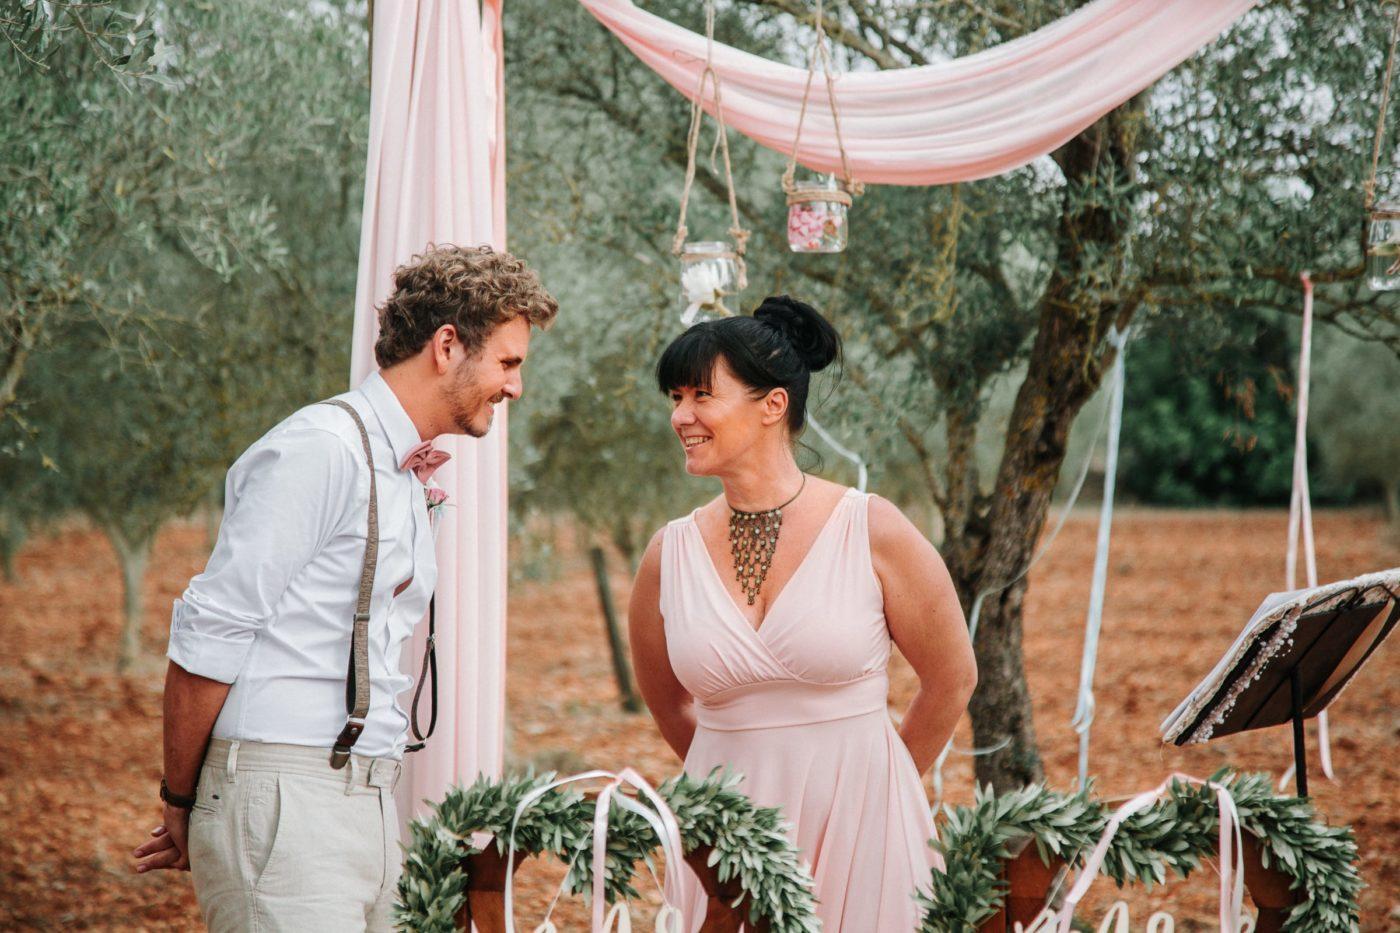 Der Bräutigam und ich vor der Trauung. Es gab wohl etwas lustiges, denn wir lachen uns beide herzlich an.